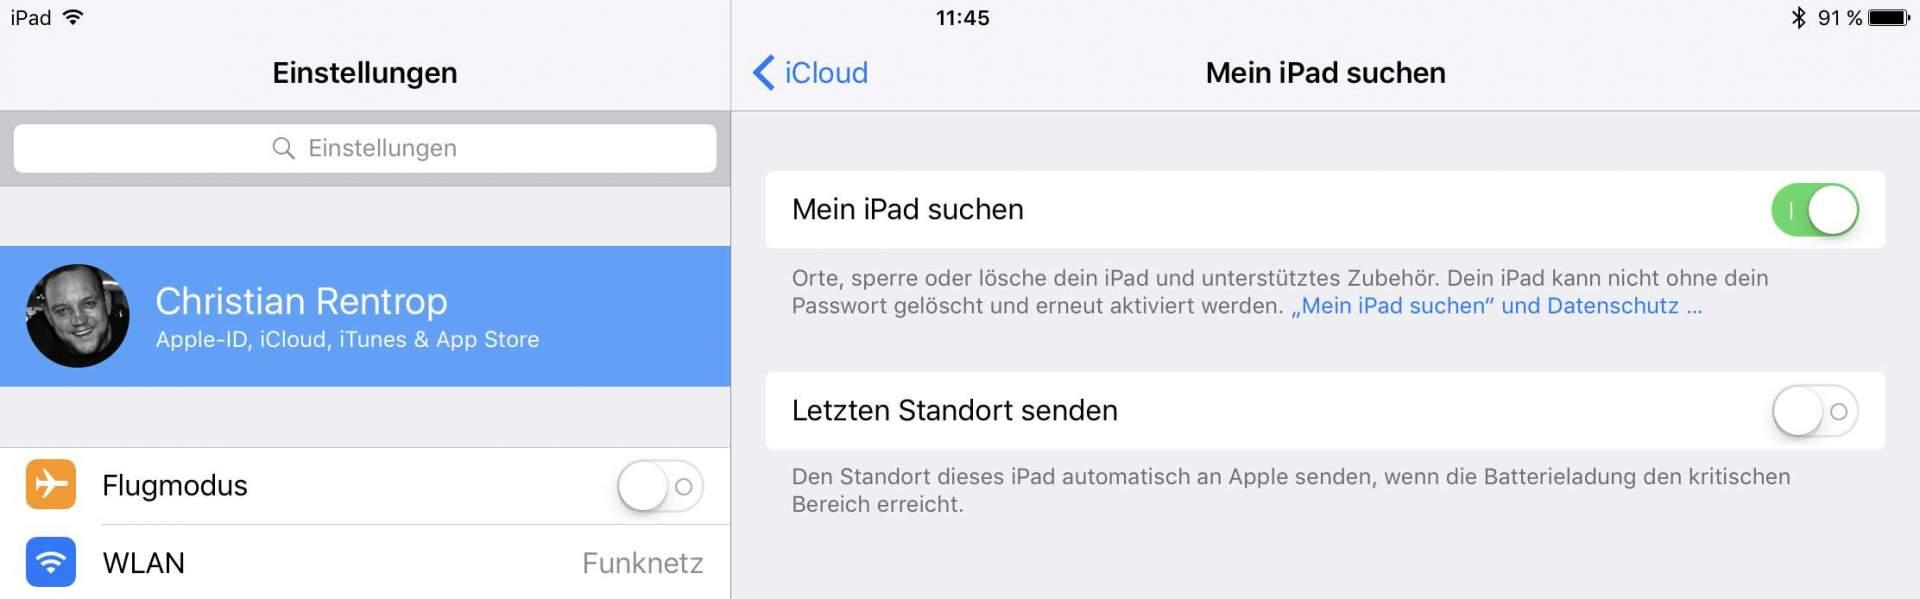 Mein iPad suchen bzw. Mein iPhone suchen deaktivieren!